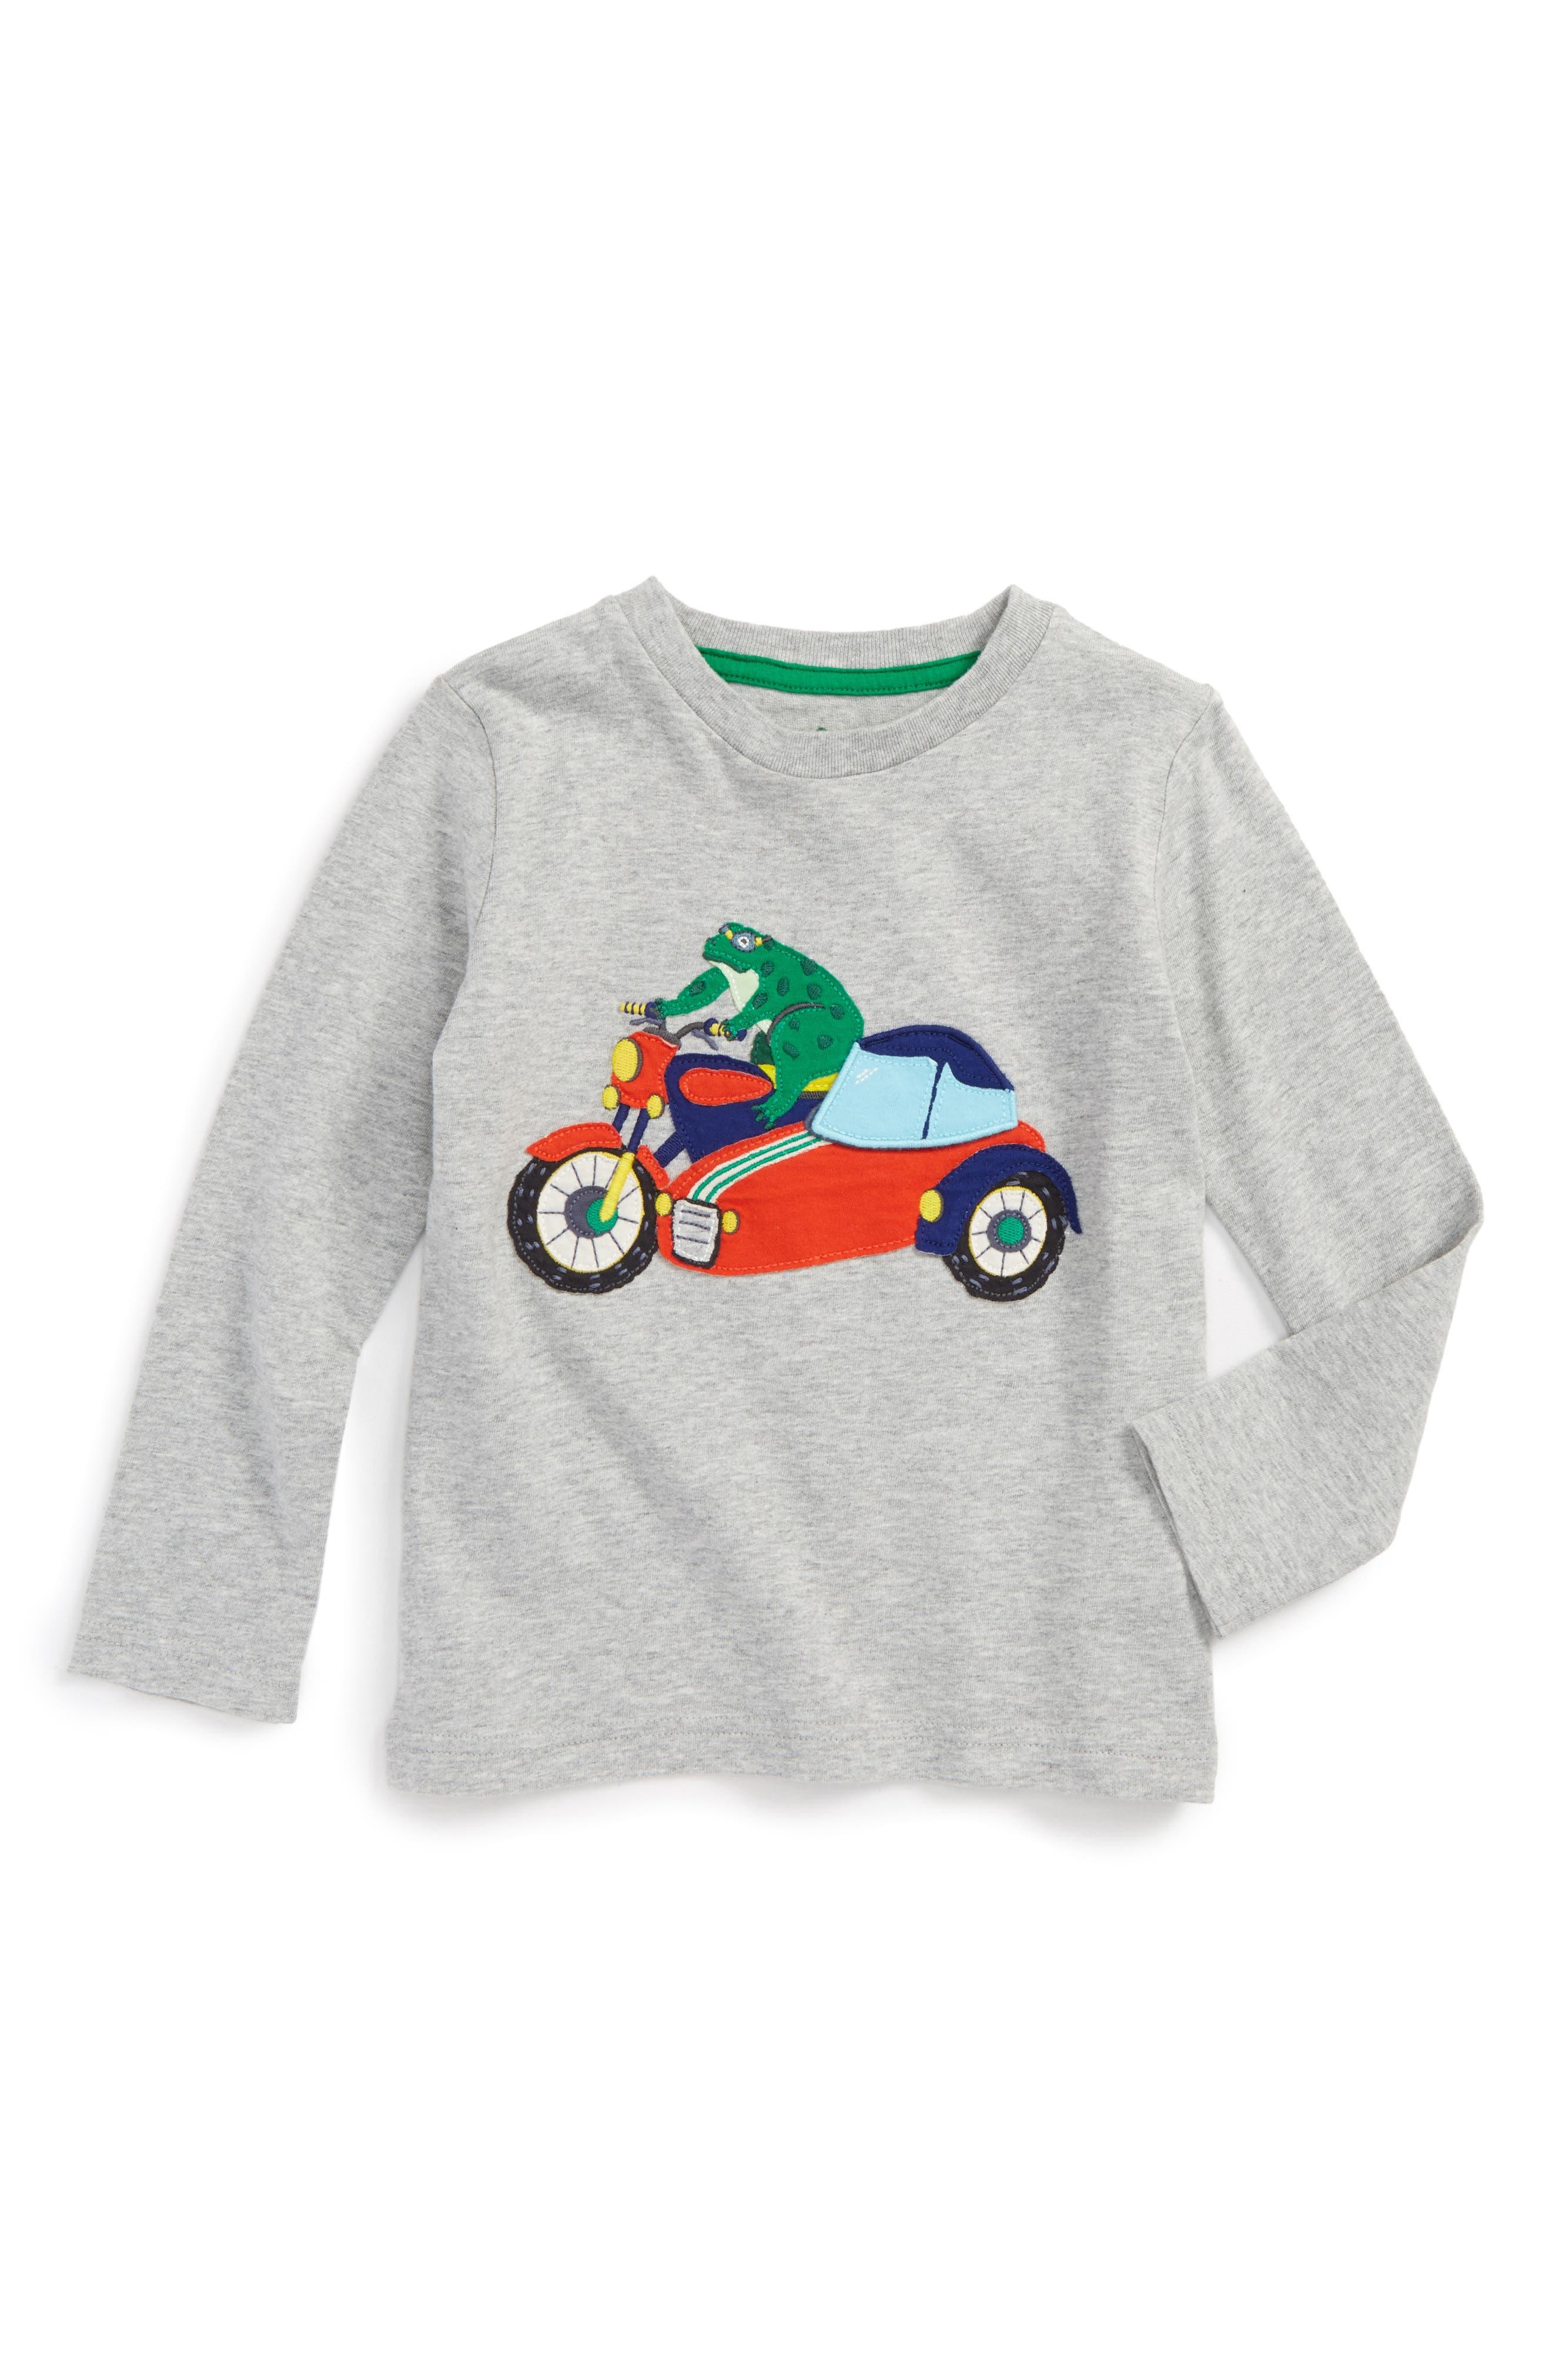 Novelty Vehicle T-Shirt,                             Main thumbnail 1, color,                             062